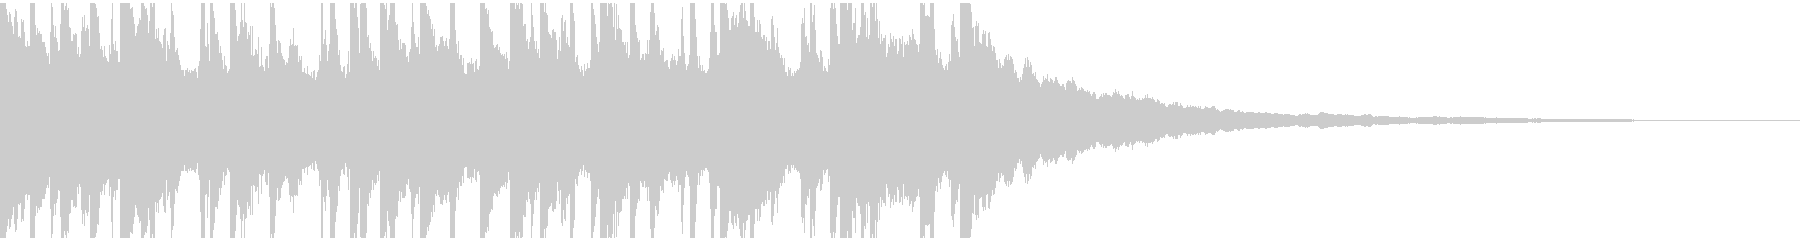 ウクレレ、ピアノの楽しい楽曲30秒Bの未再生の波形